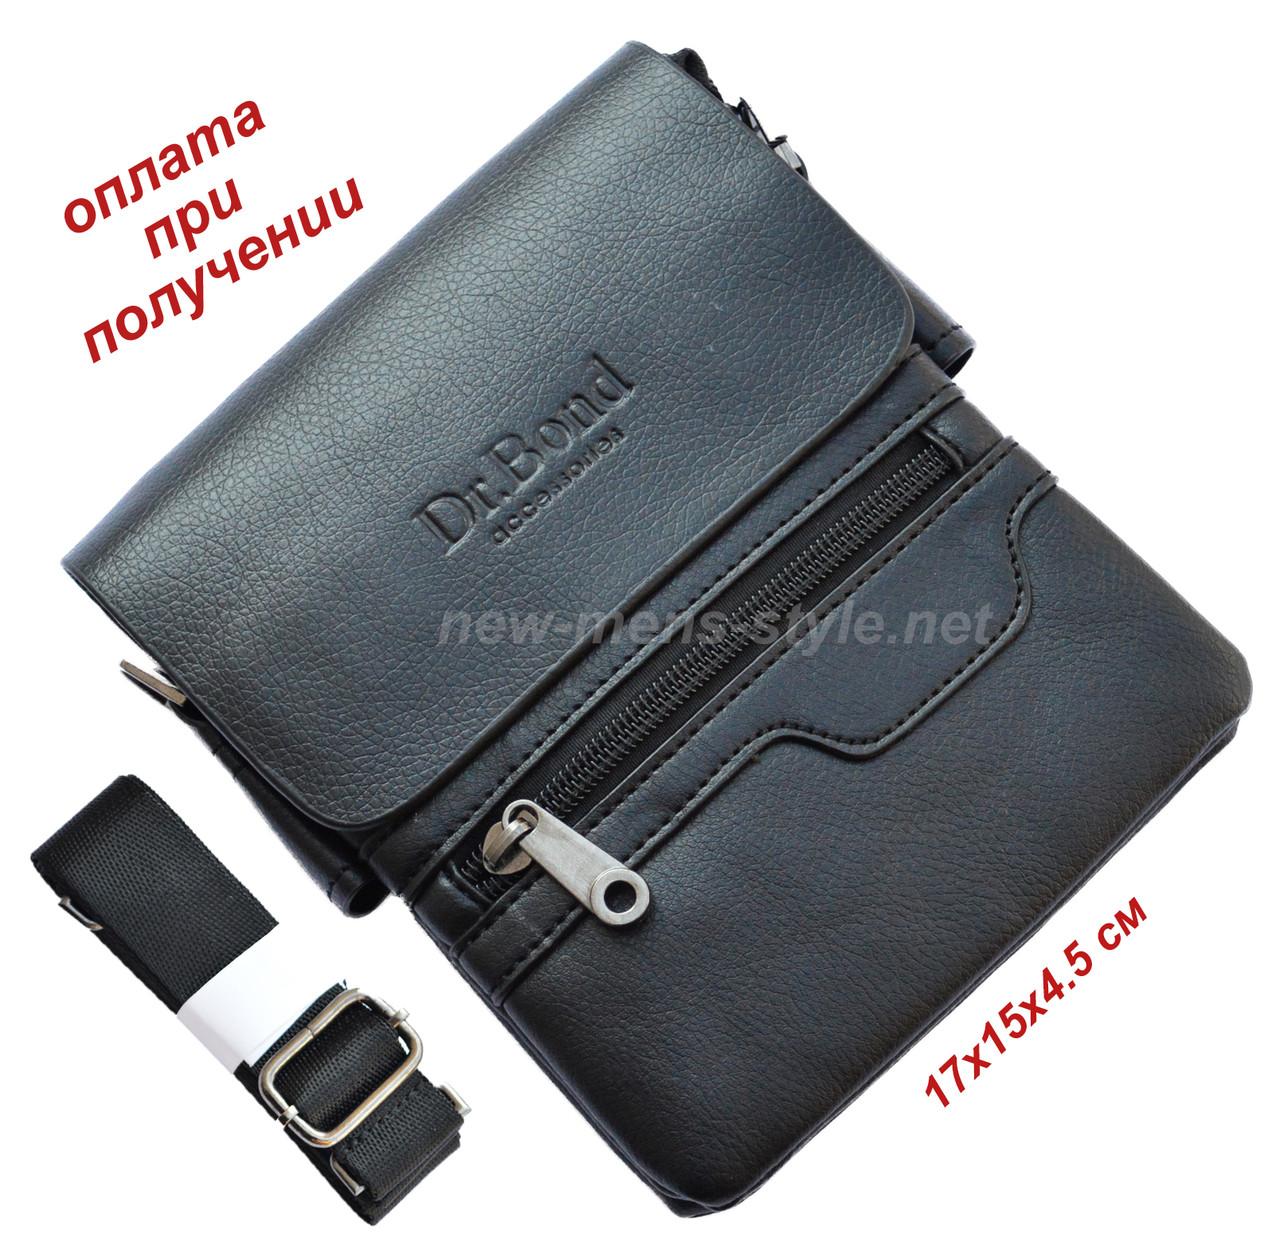 7a973892c72e Мужская чоловіча кожаная не большая сумка барсетка через плечо Dr.Bond